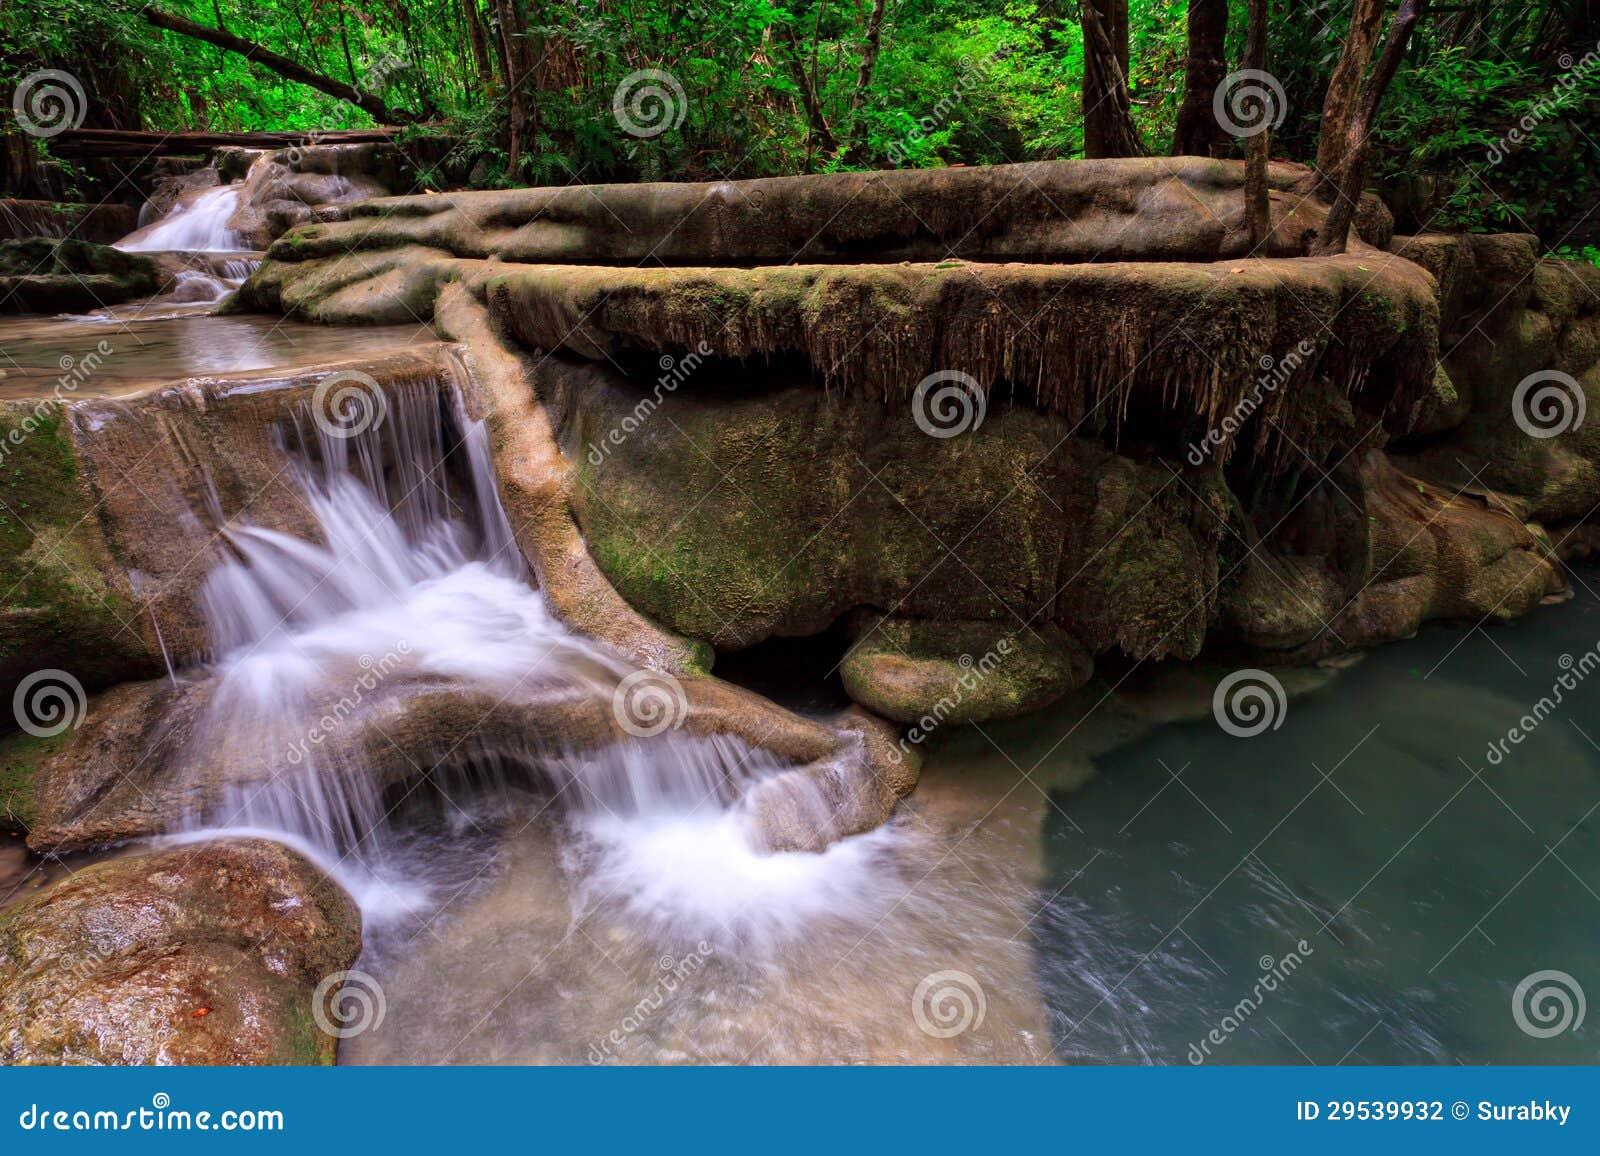 Cachoeira da pedra calcária na floresta tropical